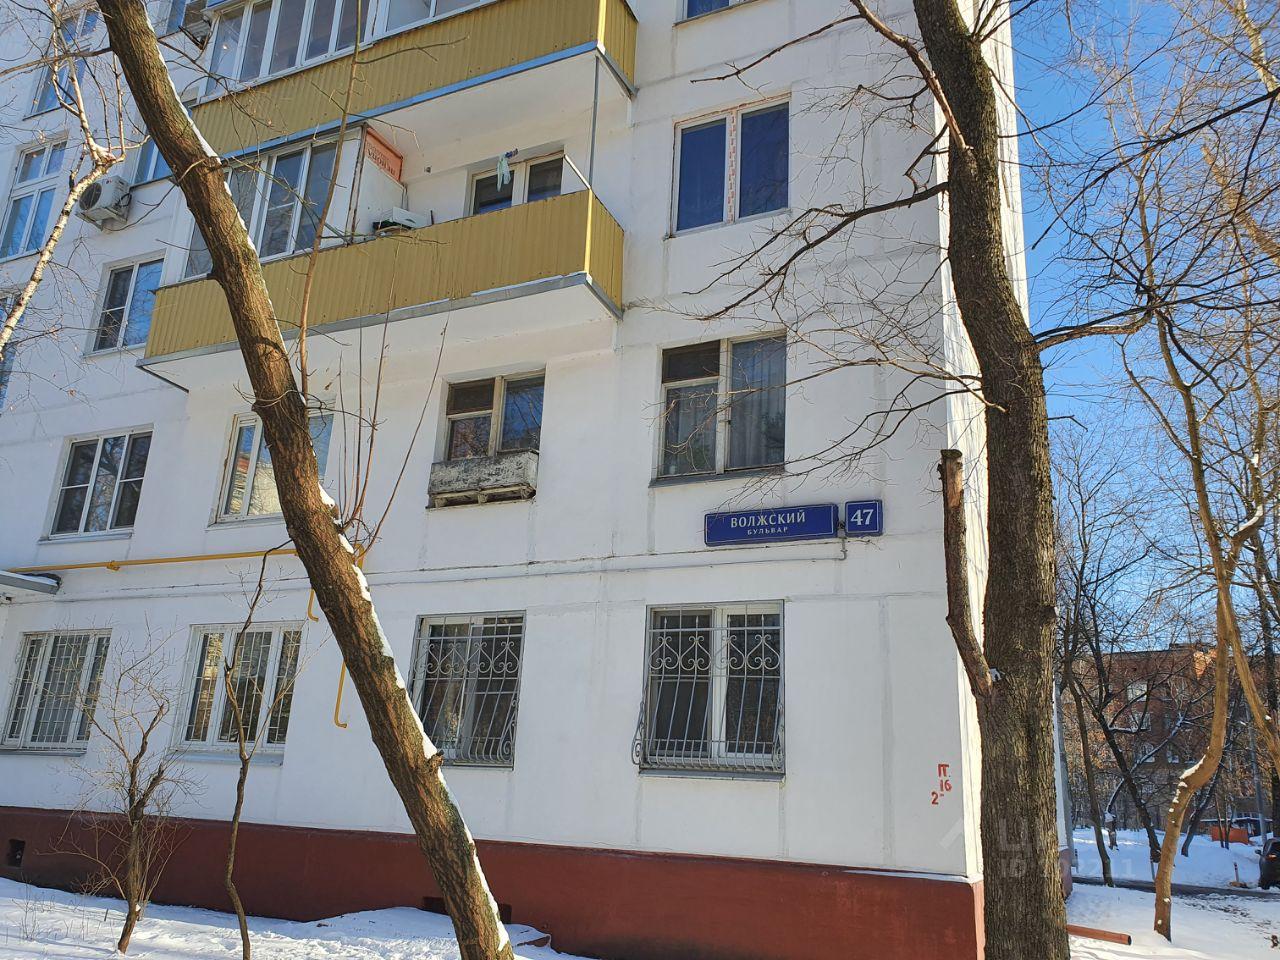 Продажа двухкомнатной квартиры 45.3м² Волжский бул., 47, Москва, ЮВАО, р-н Кузьминки м. Волжская - база ЦИАН, объявление 249985858